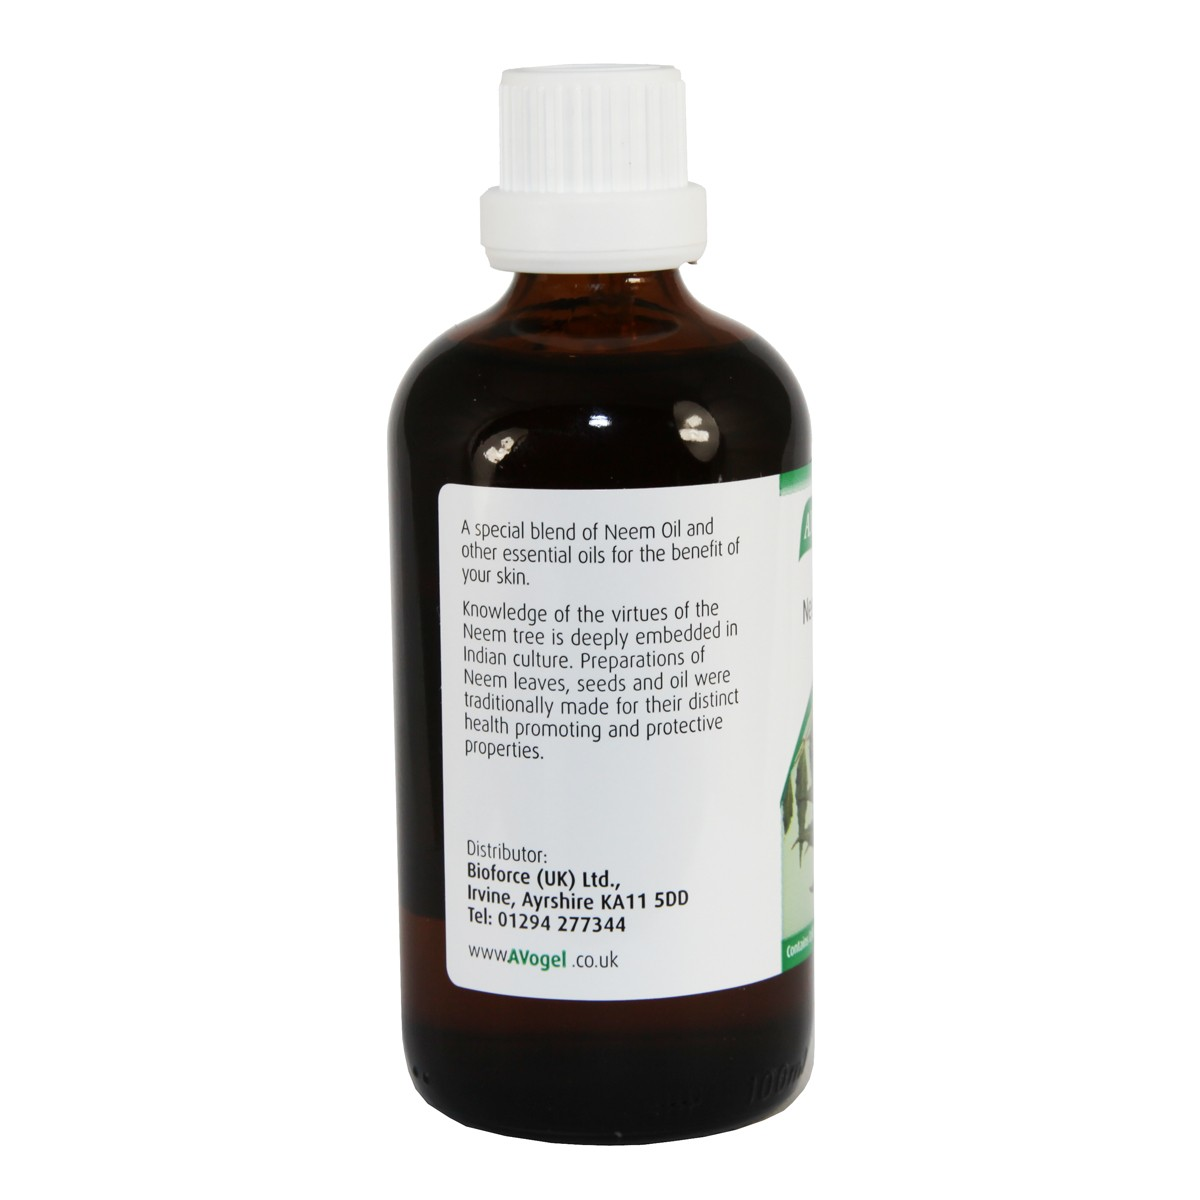 A.Vogel Neemcare Neem Oil